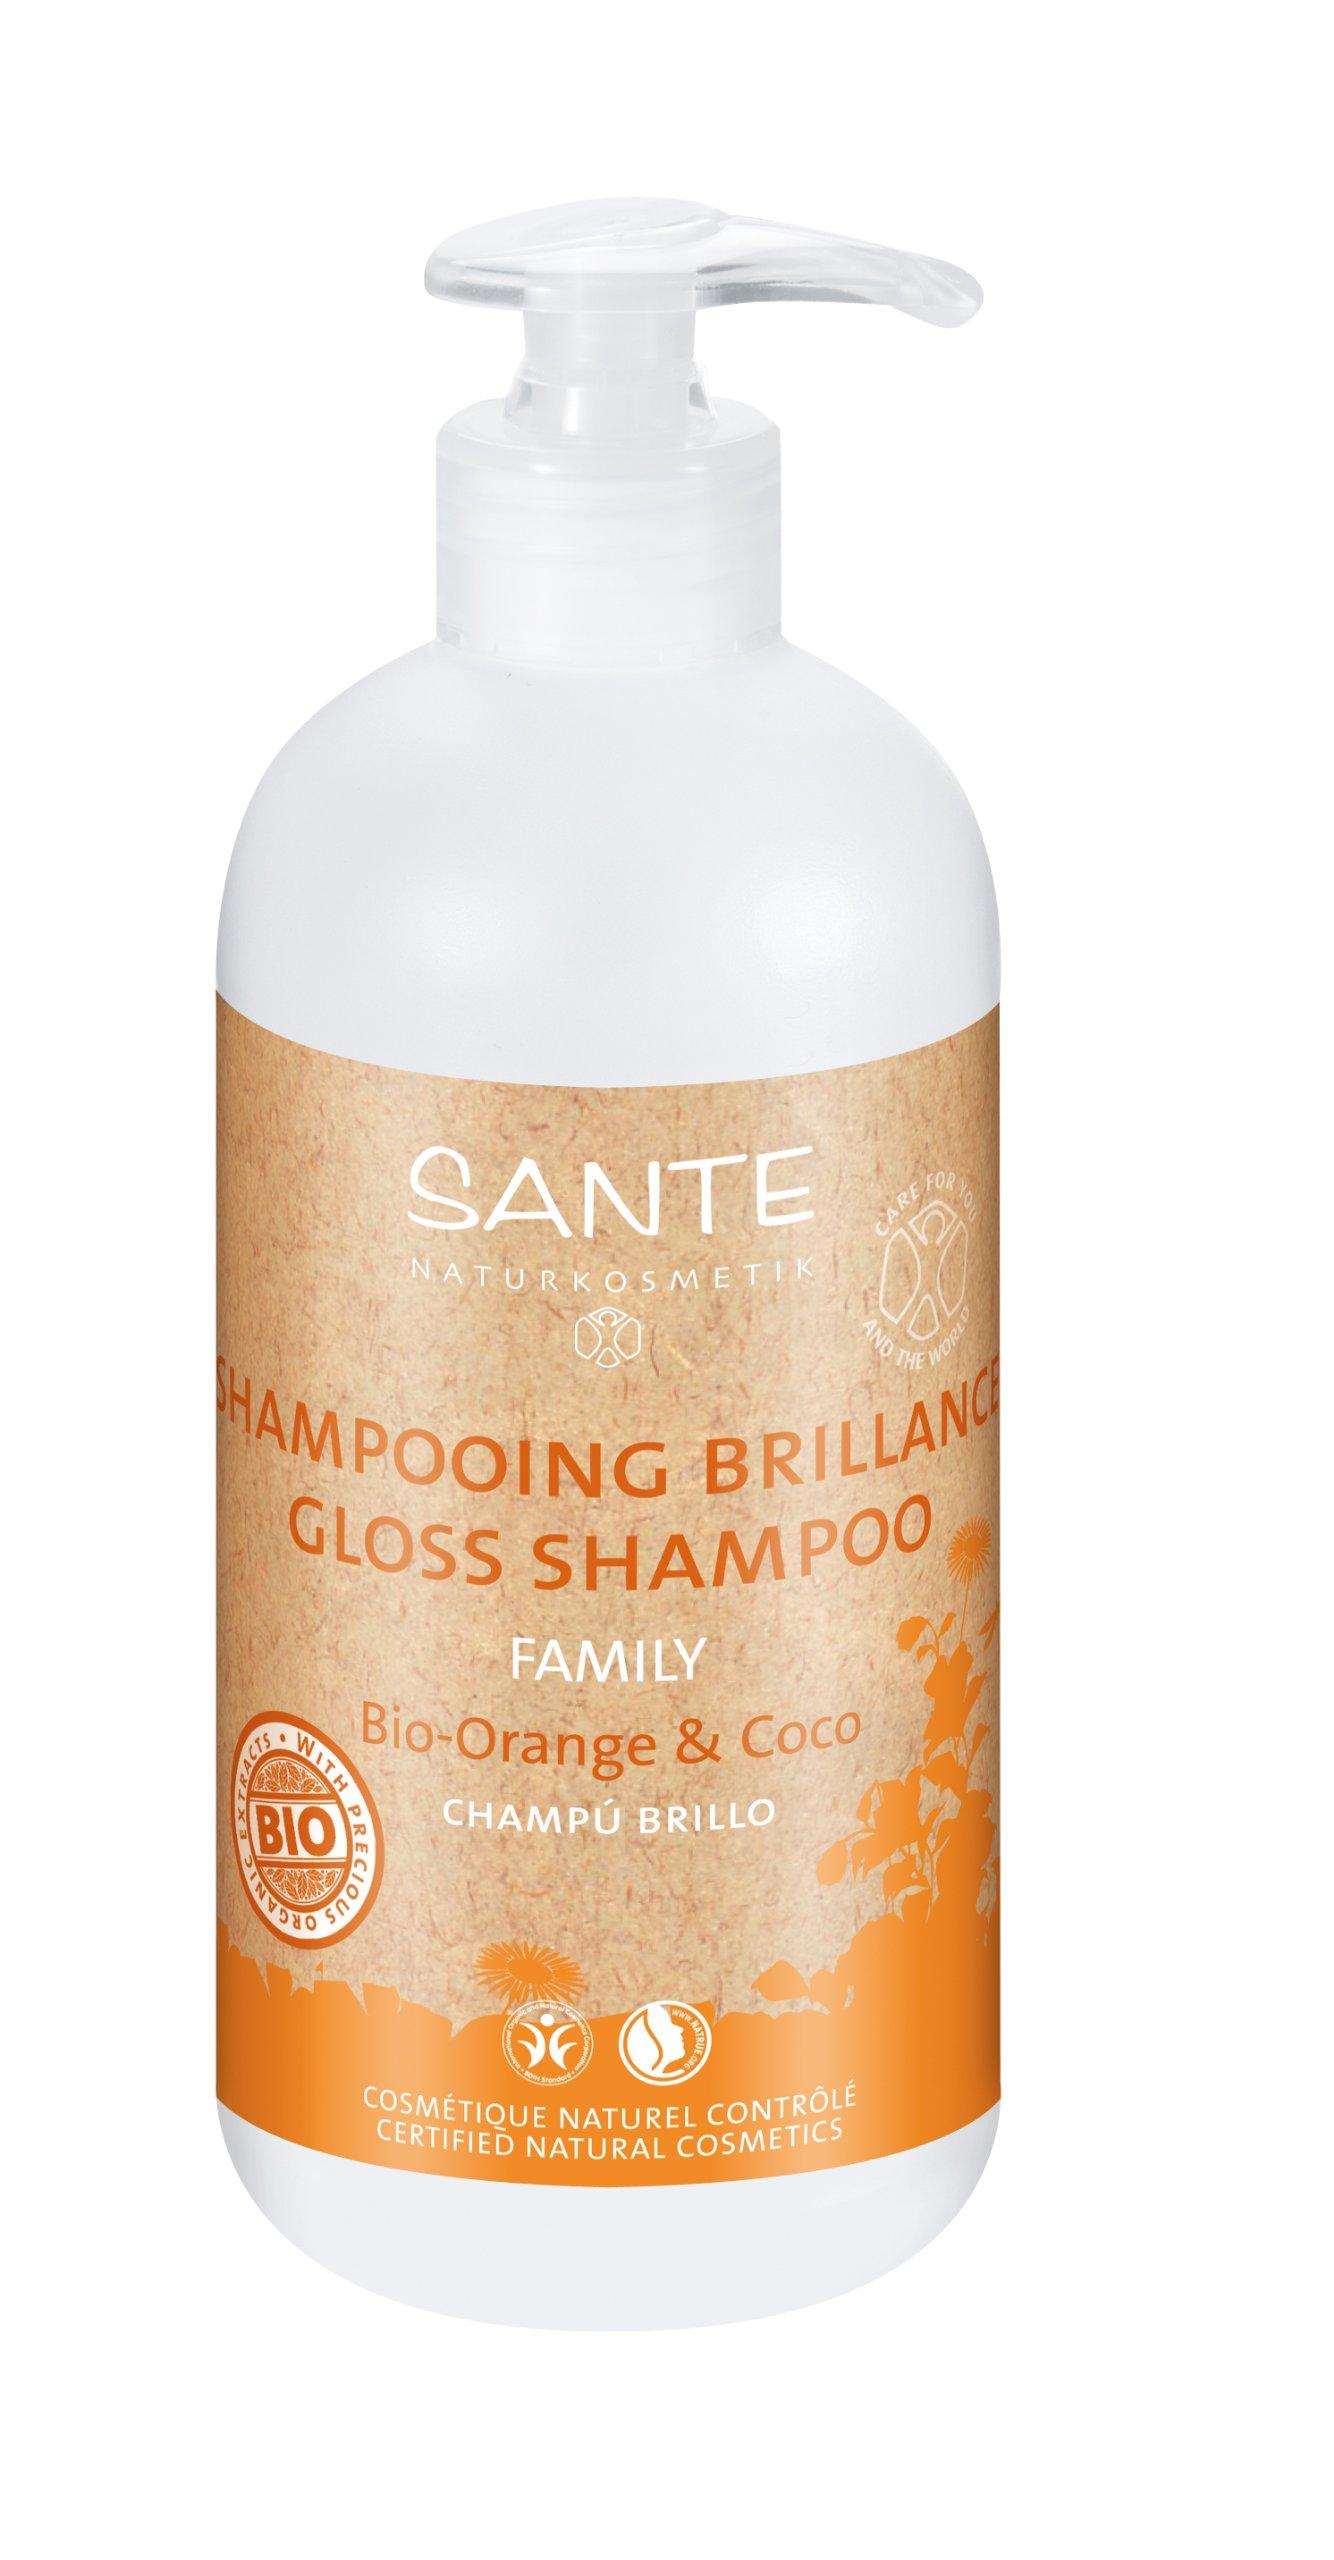 Sante, Champú bio de naranja y coco- 950 ml. product image